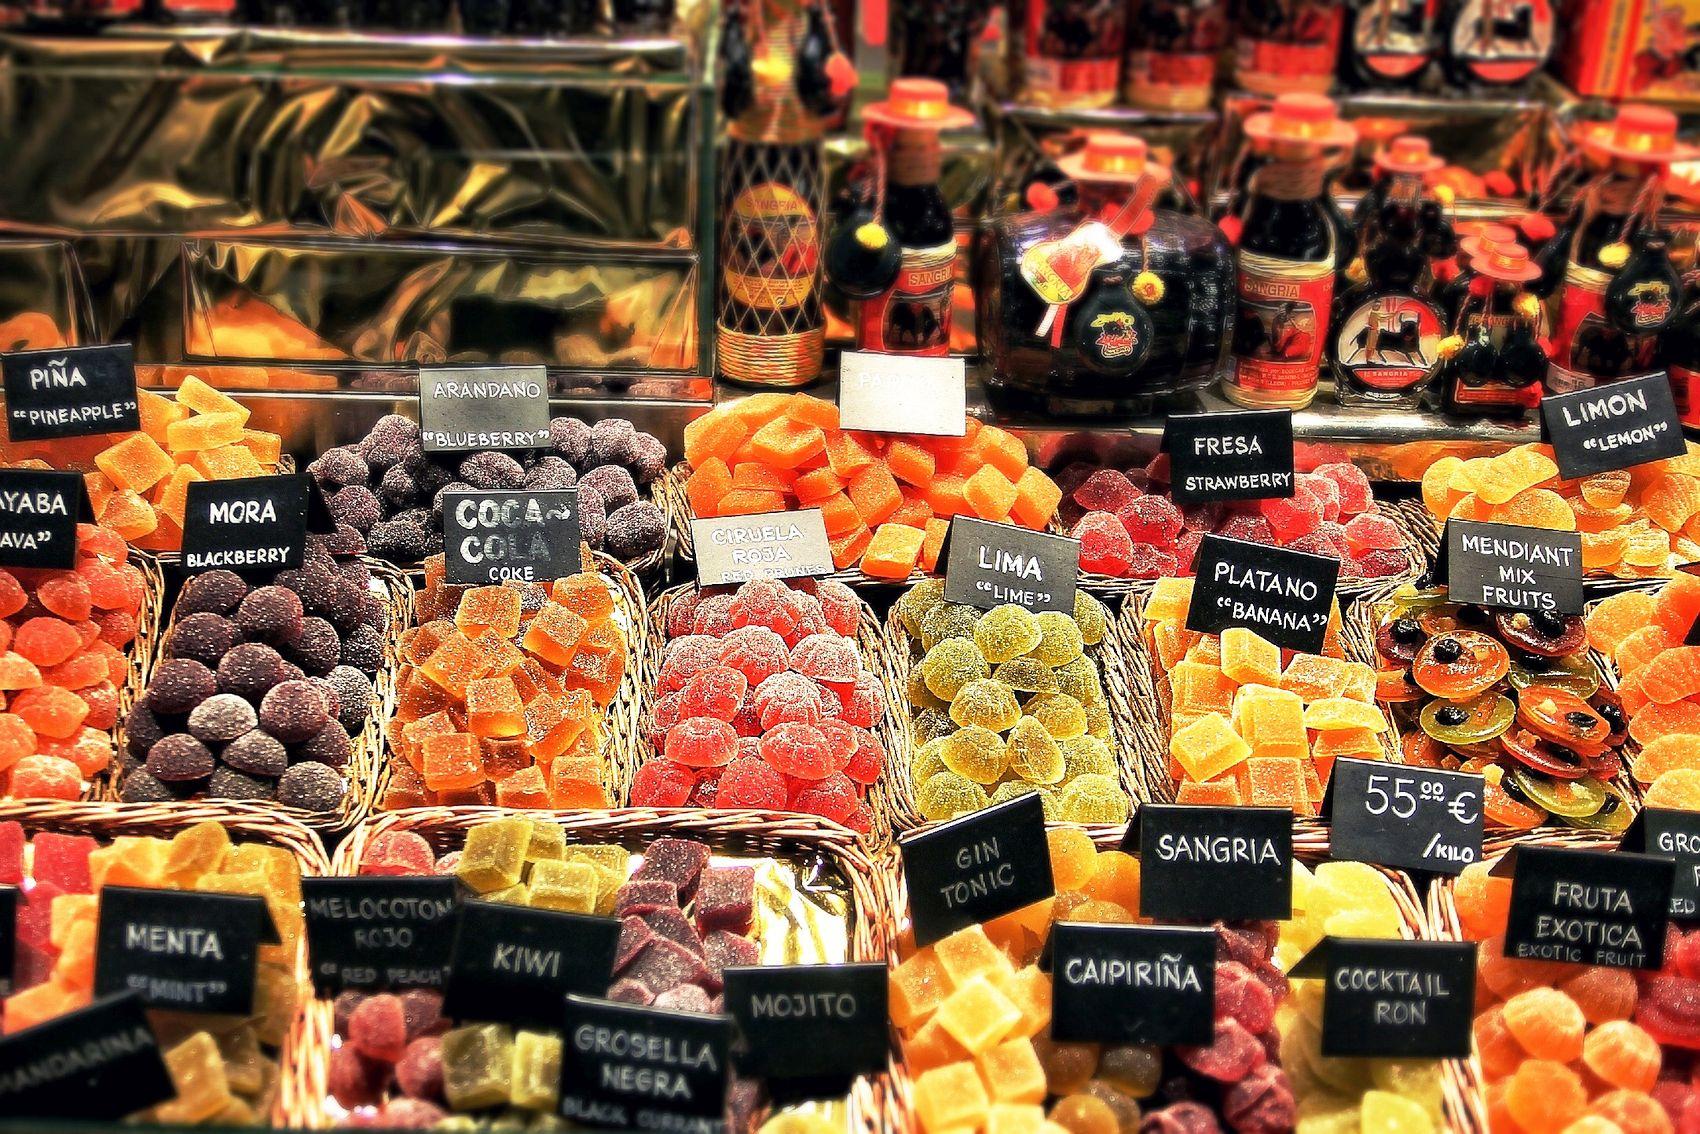 Barcelona Old Food Market